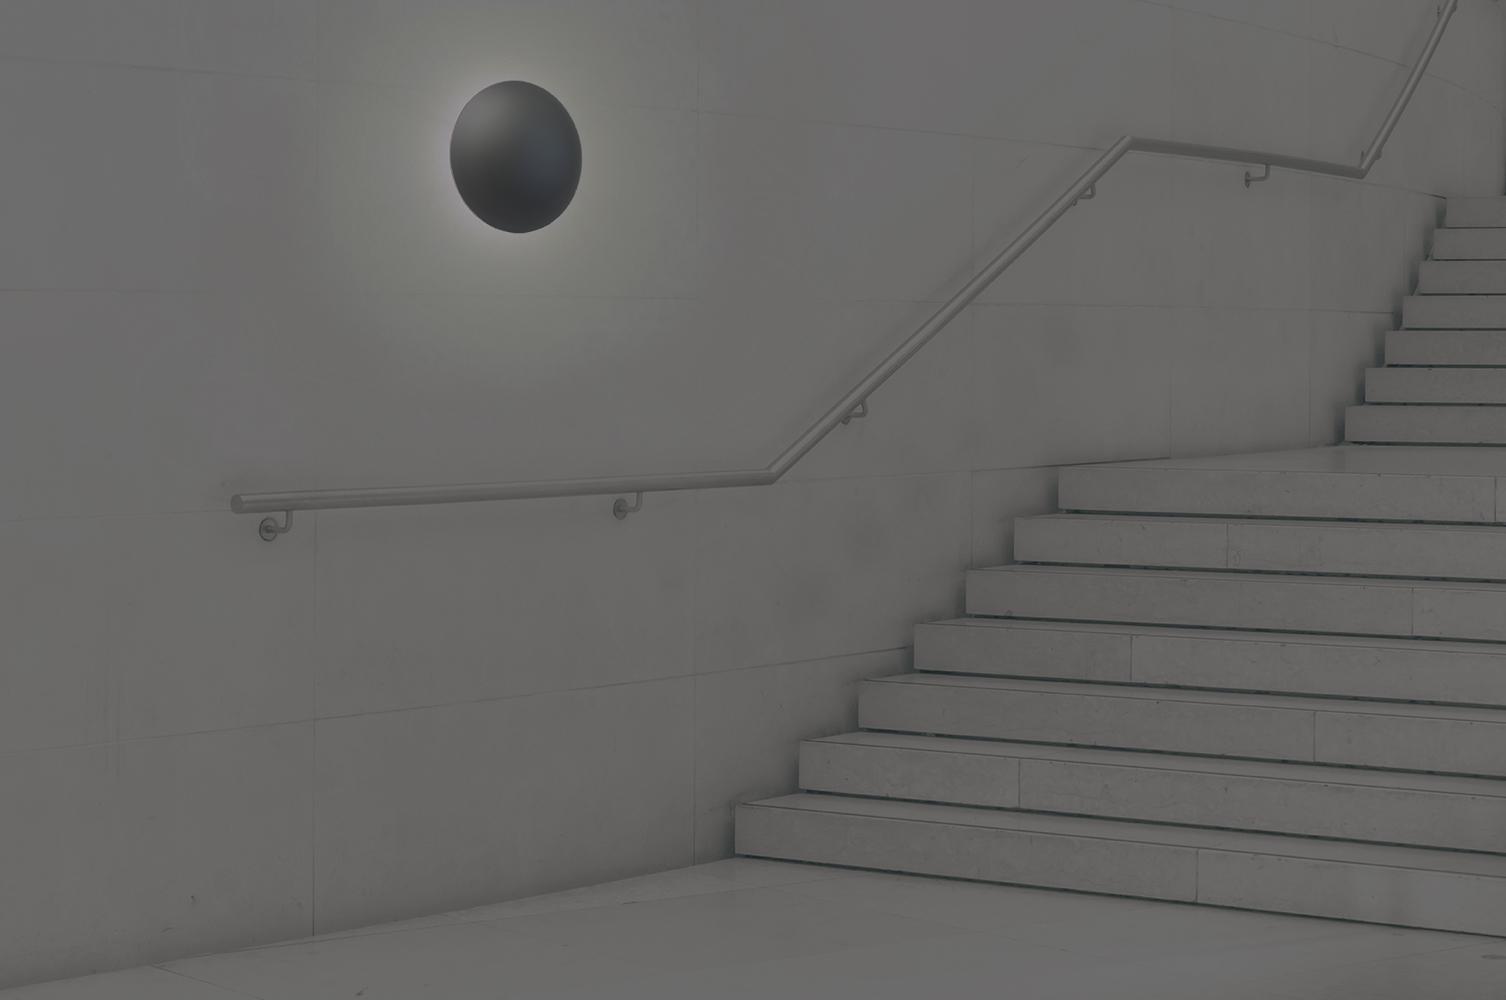 Northridge outdoor light fixture illuminating a modern exterior stairway.